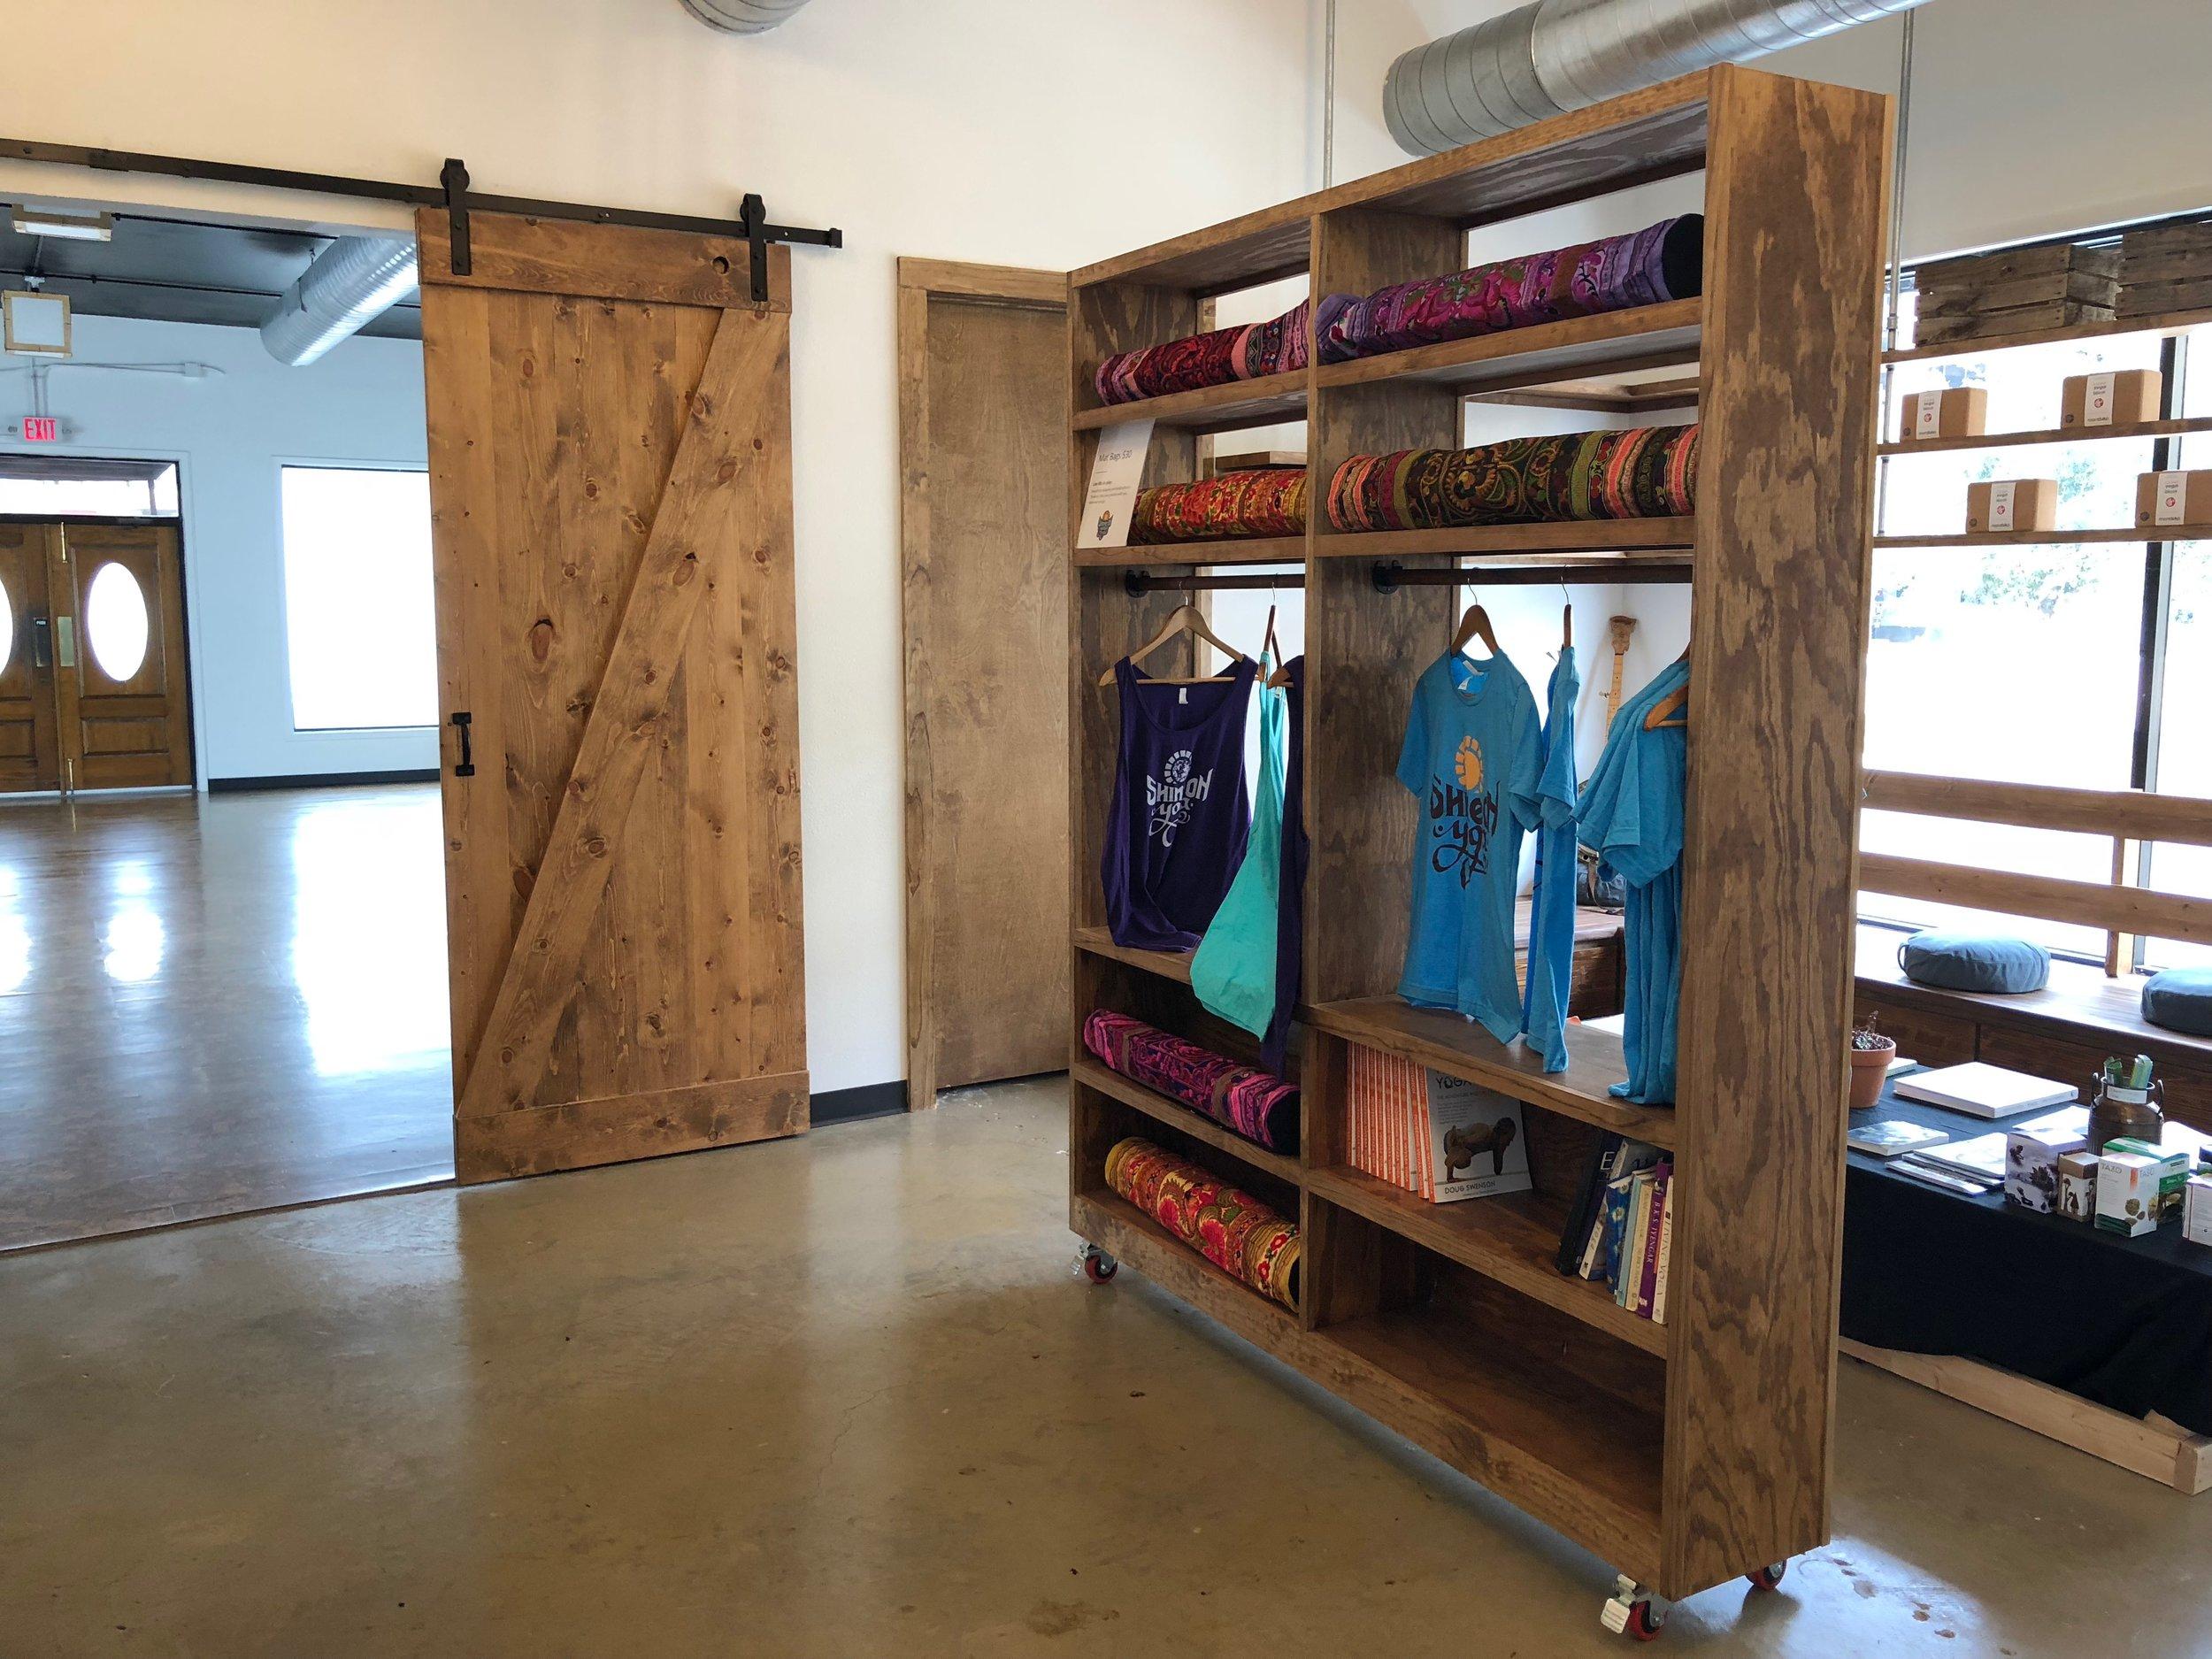 Merch shelf and sliding door into studio